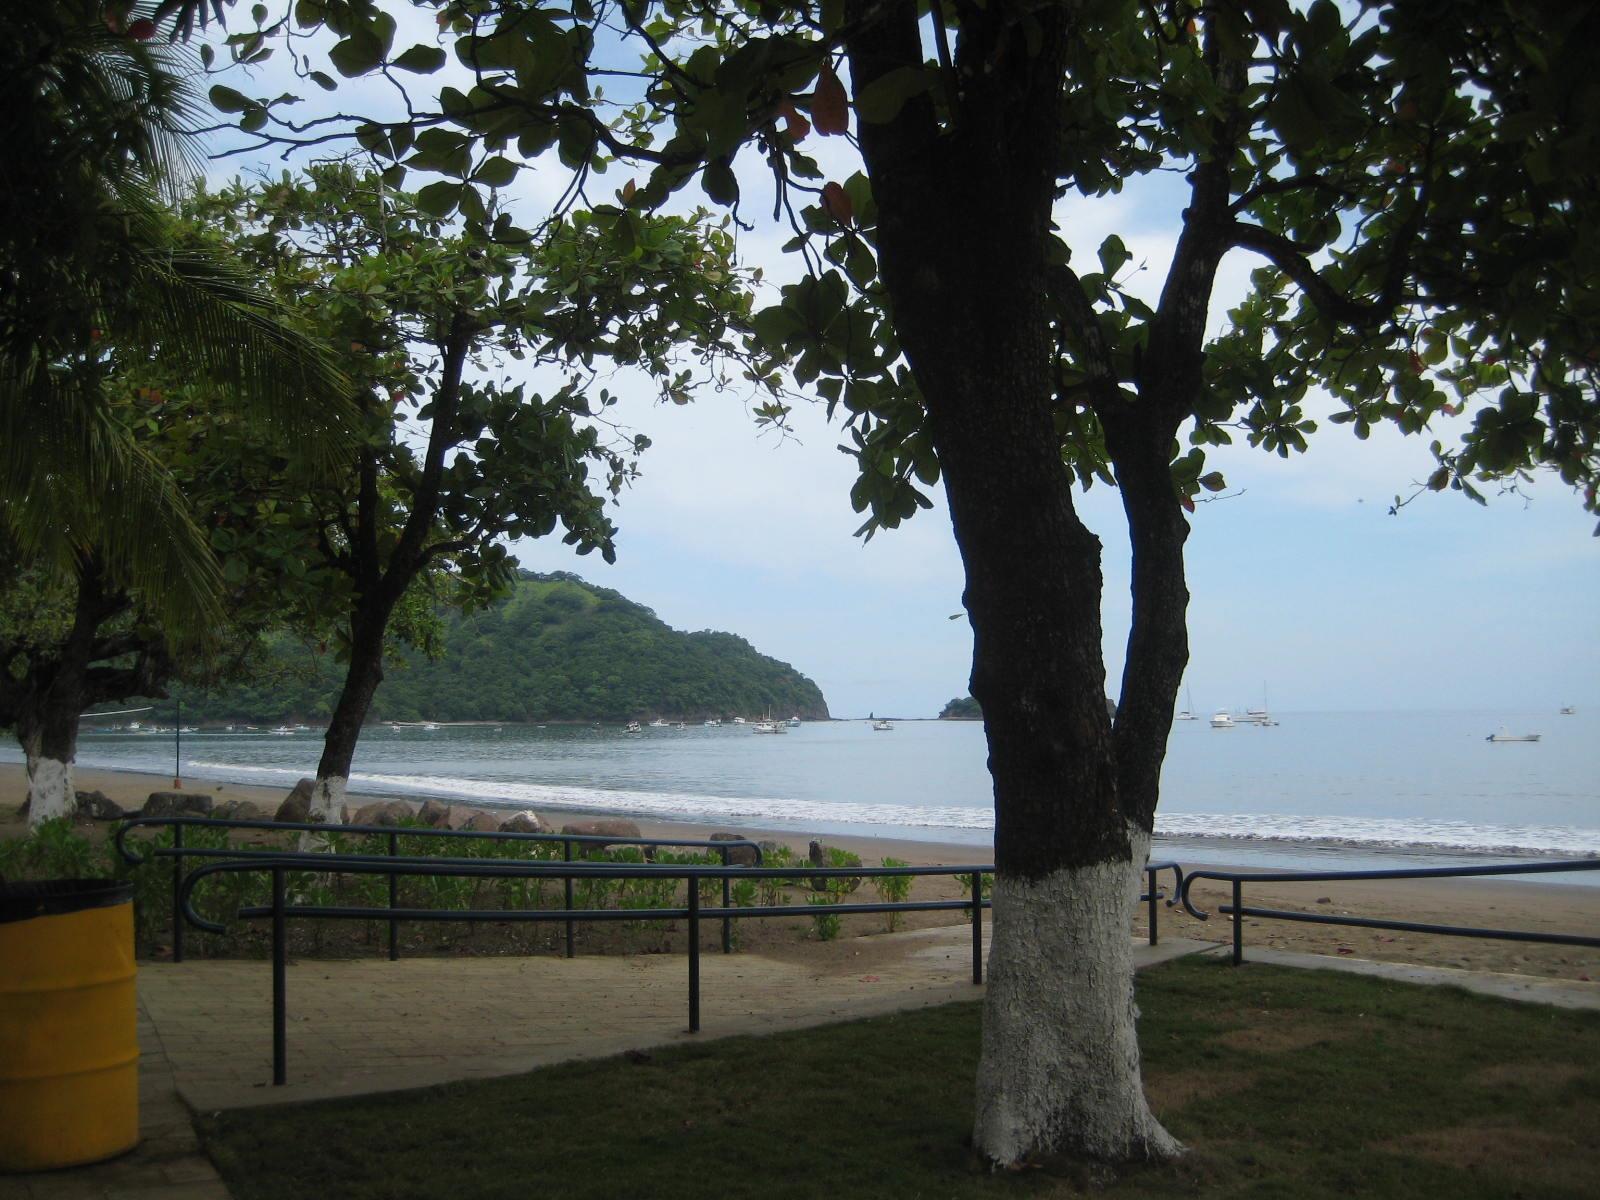 Boardwalk in Playas del Coco, Costa Rica